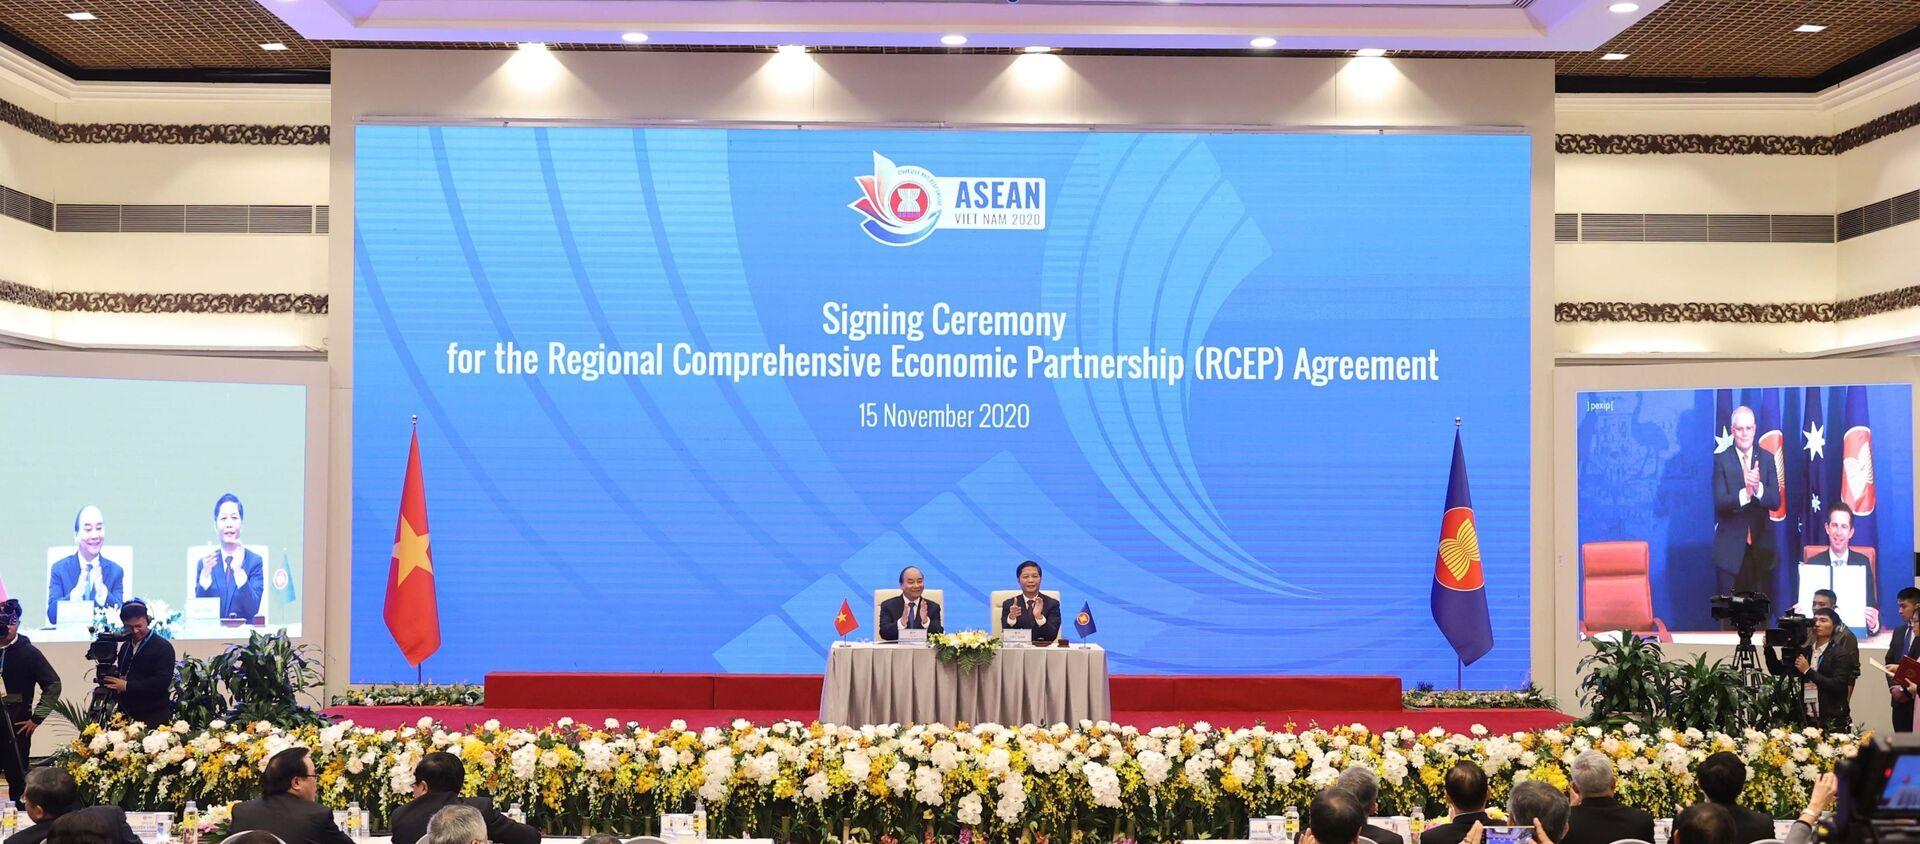 Thủ tướng Nguyễn Xuân Phúc, Chủ tịch ASEAN 2020 cùng các nhà lãnh đạo cấp cao chứng kiến Lễ ký Hiệp định Đối tác Kinh tế Toàn diện Khu vực RCEP.  - Sputnik Việt Nam, 1920, 20.11.2020